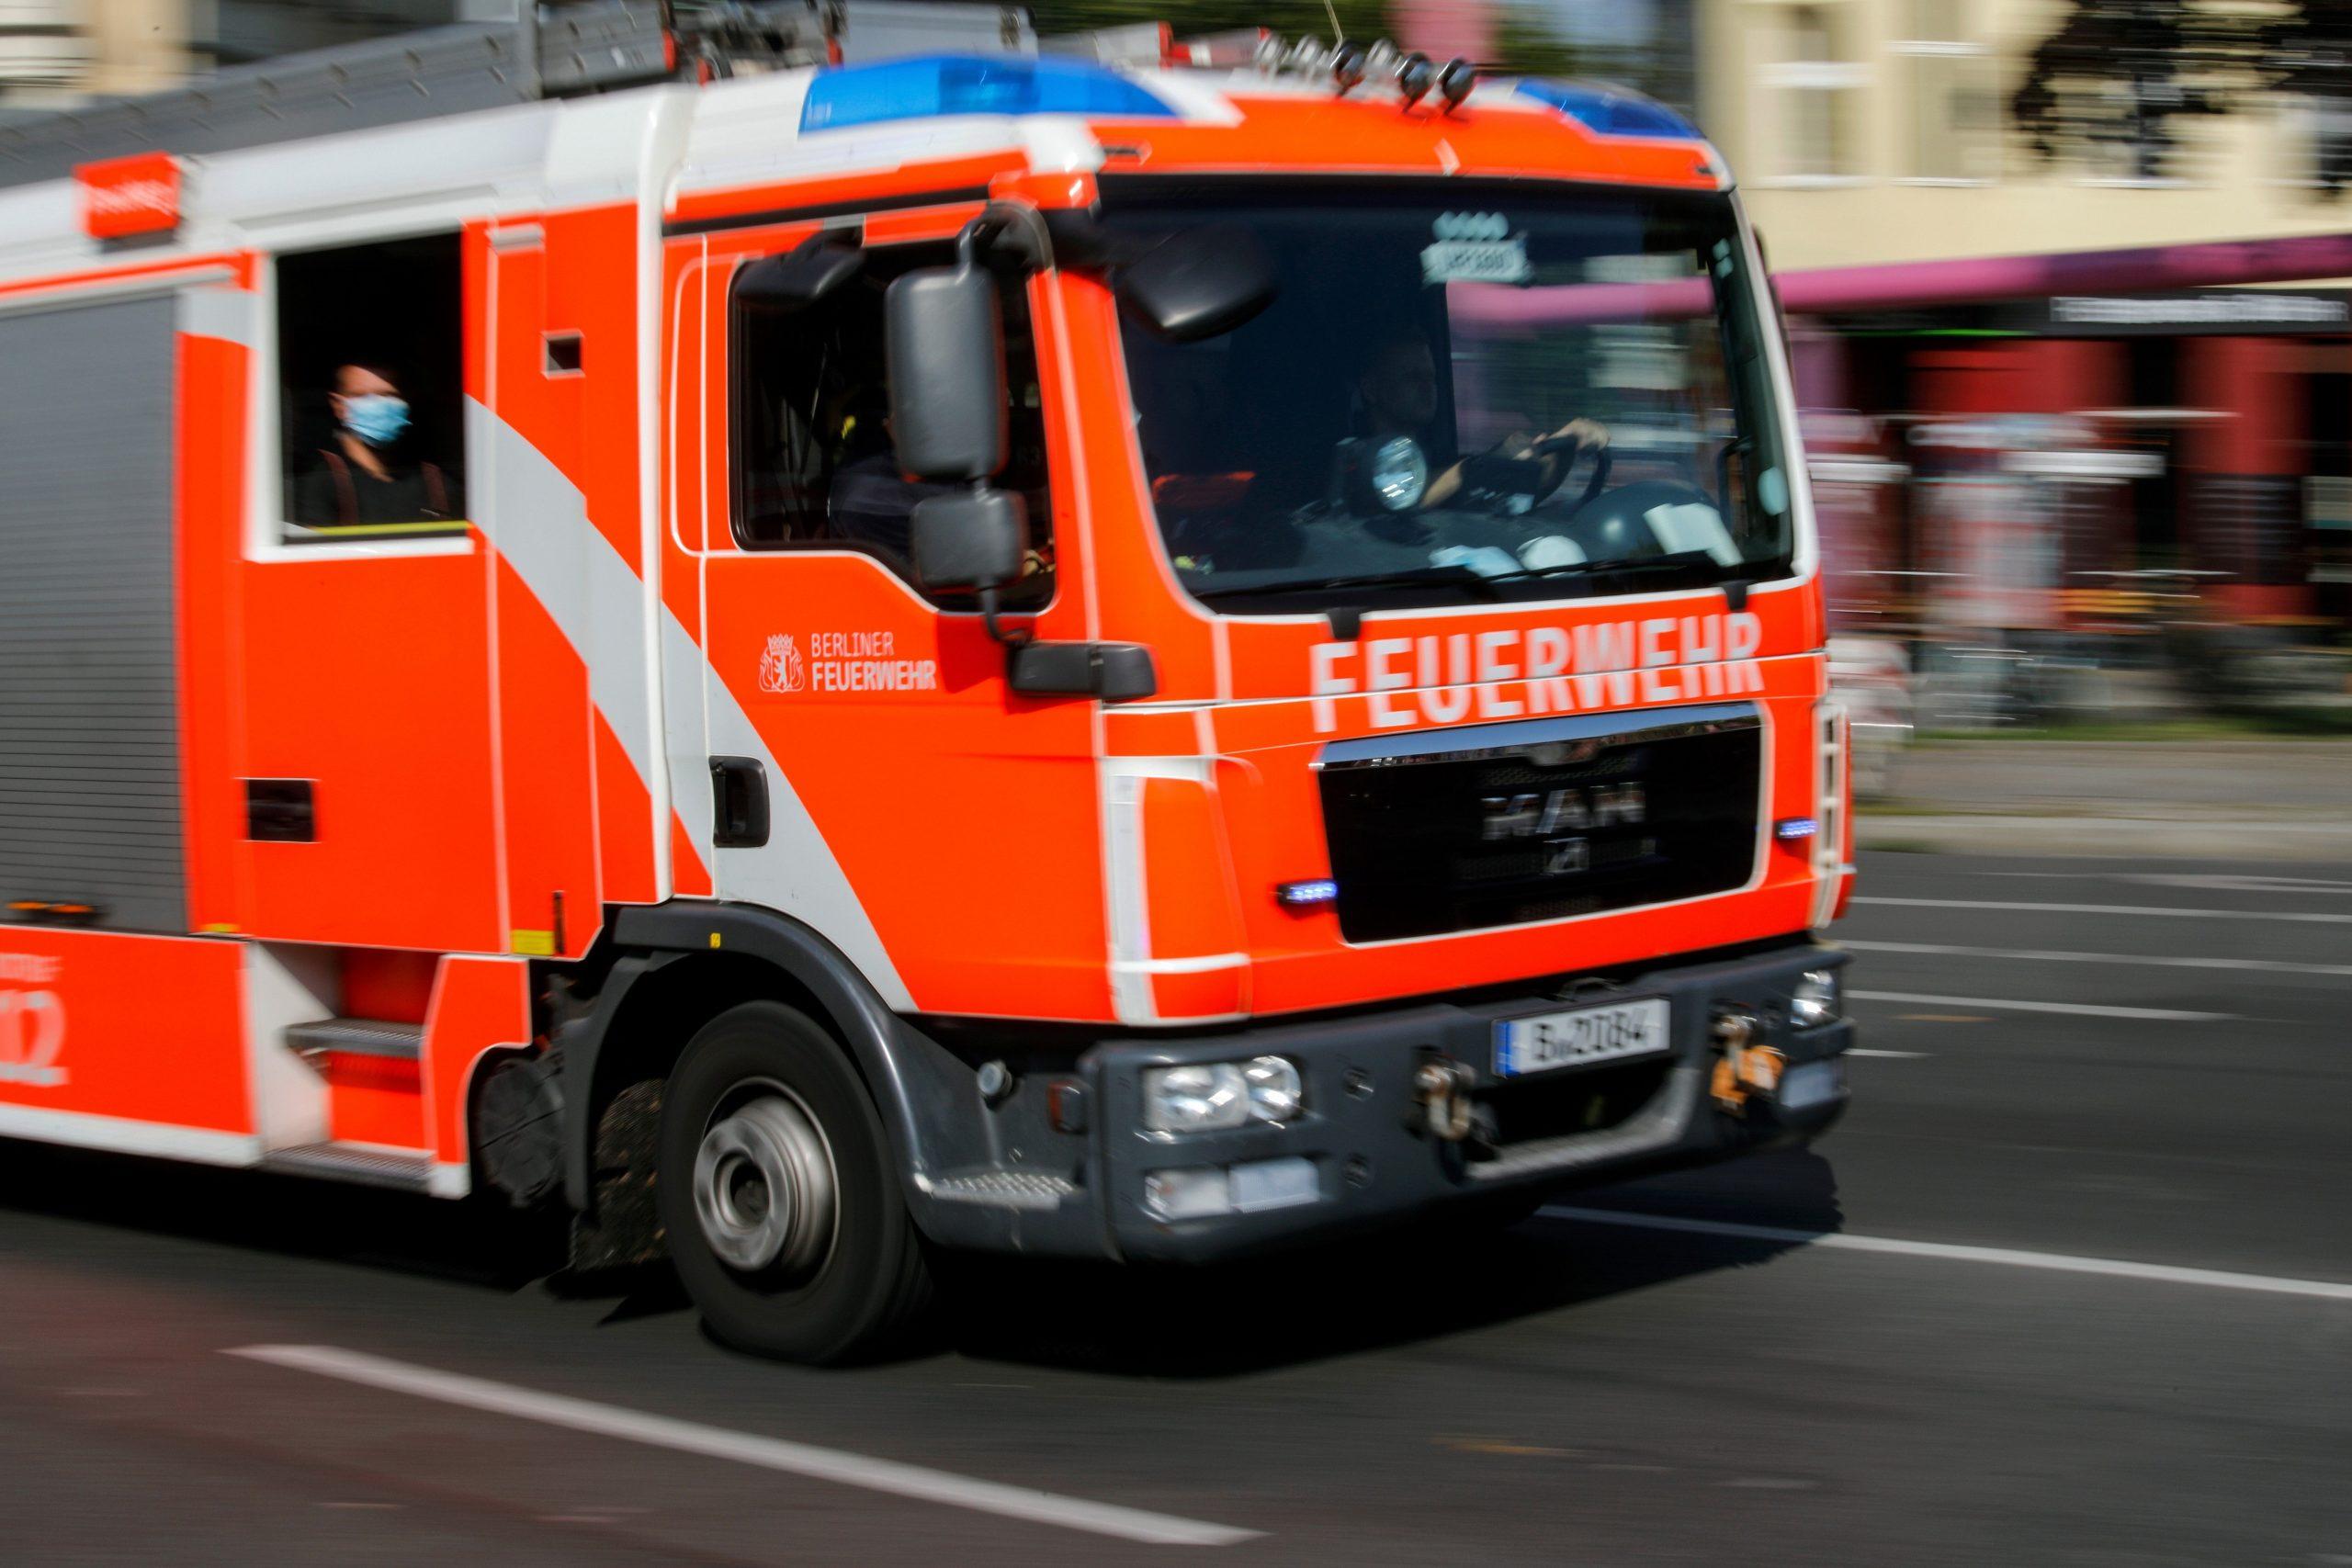 Feuerwehr: Löschung eines normalen Autos braucht 500 Liter Wasser – eines E-Autos 10.000 Liter